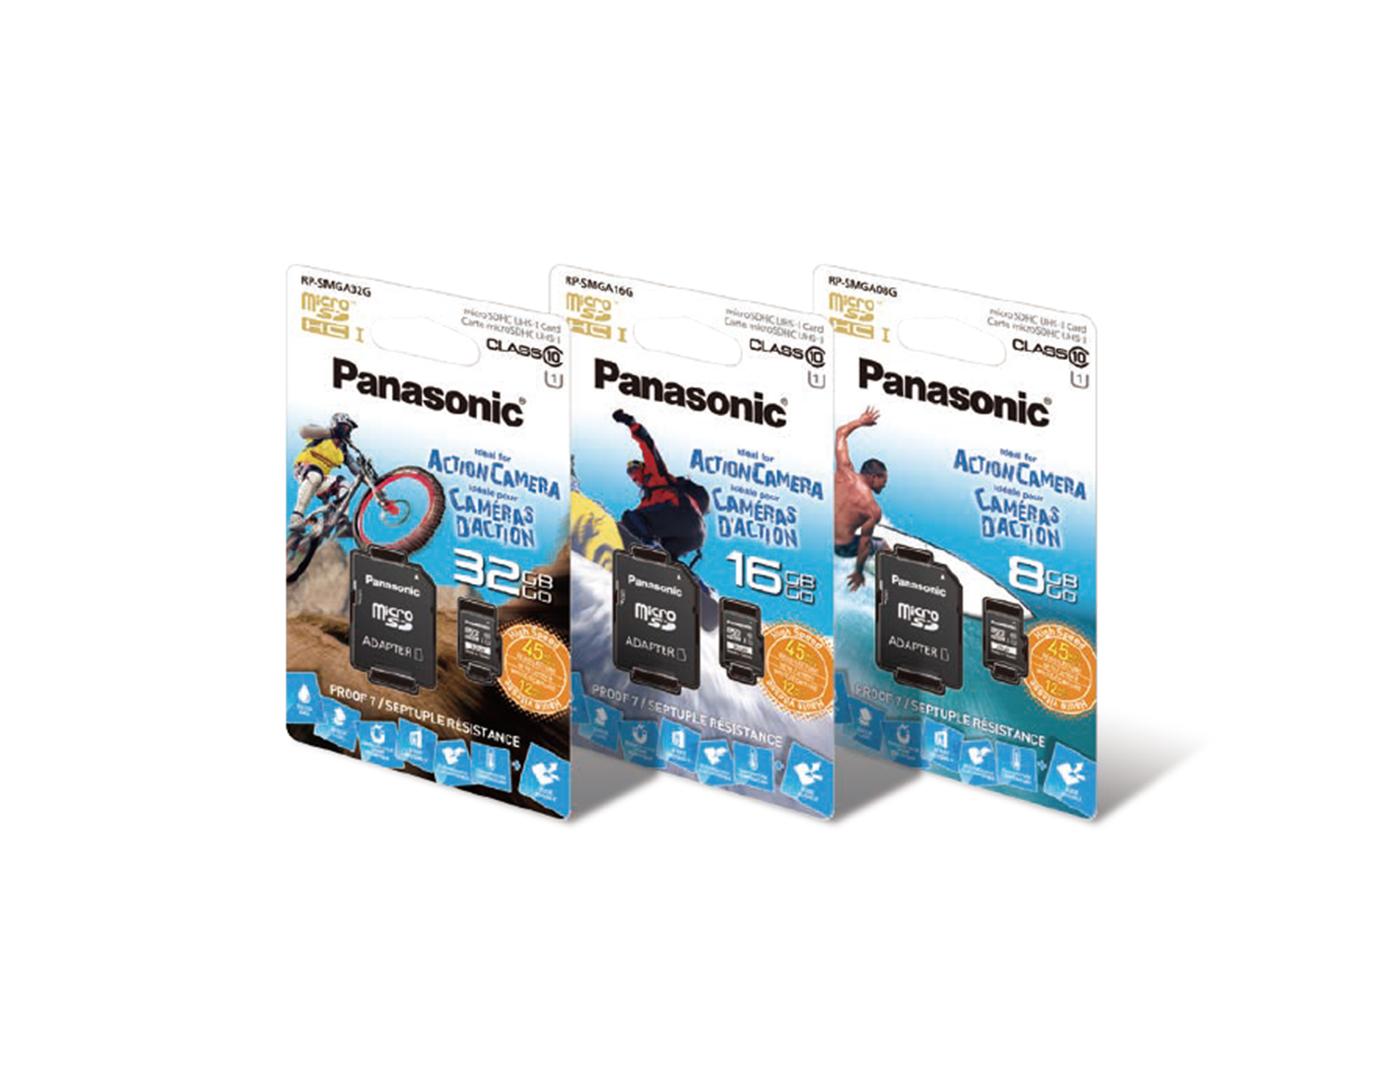 アクションカメラ用マイクロSDカード